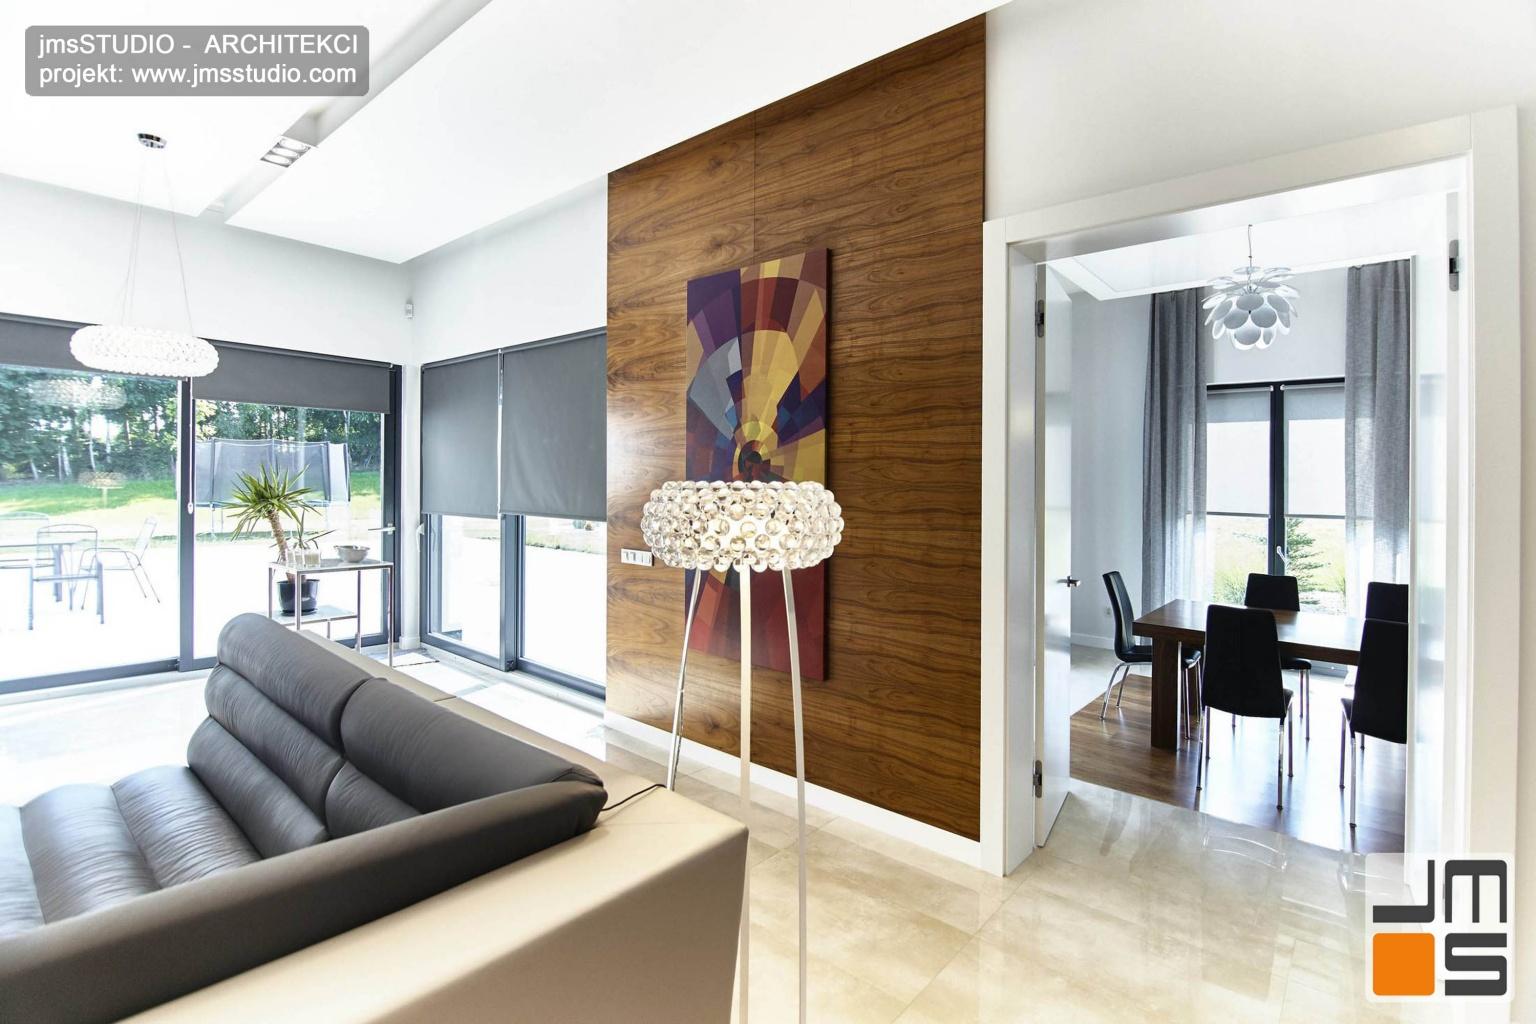 2018 06 projekt wnętrz salonu  zaprojektowano tak by były przestronne eleganckie z dekoracyjną ścianą z forniru